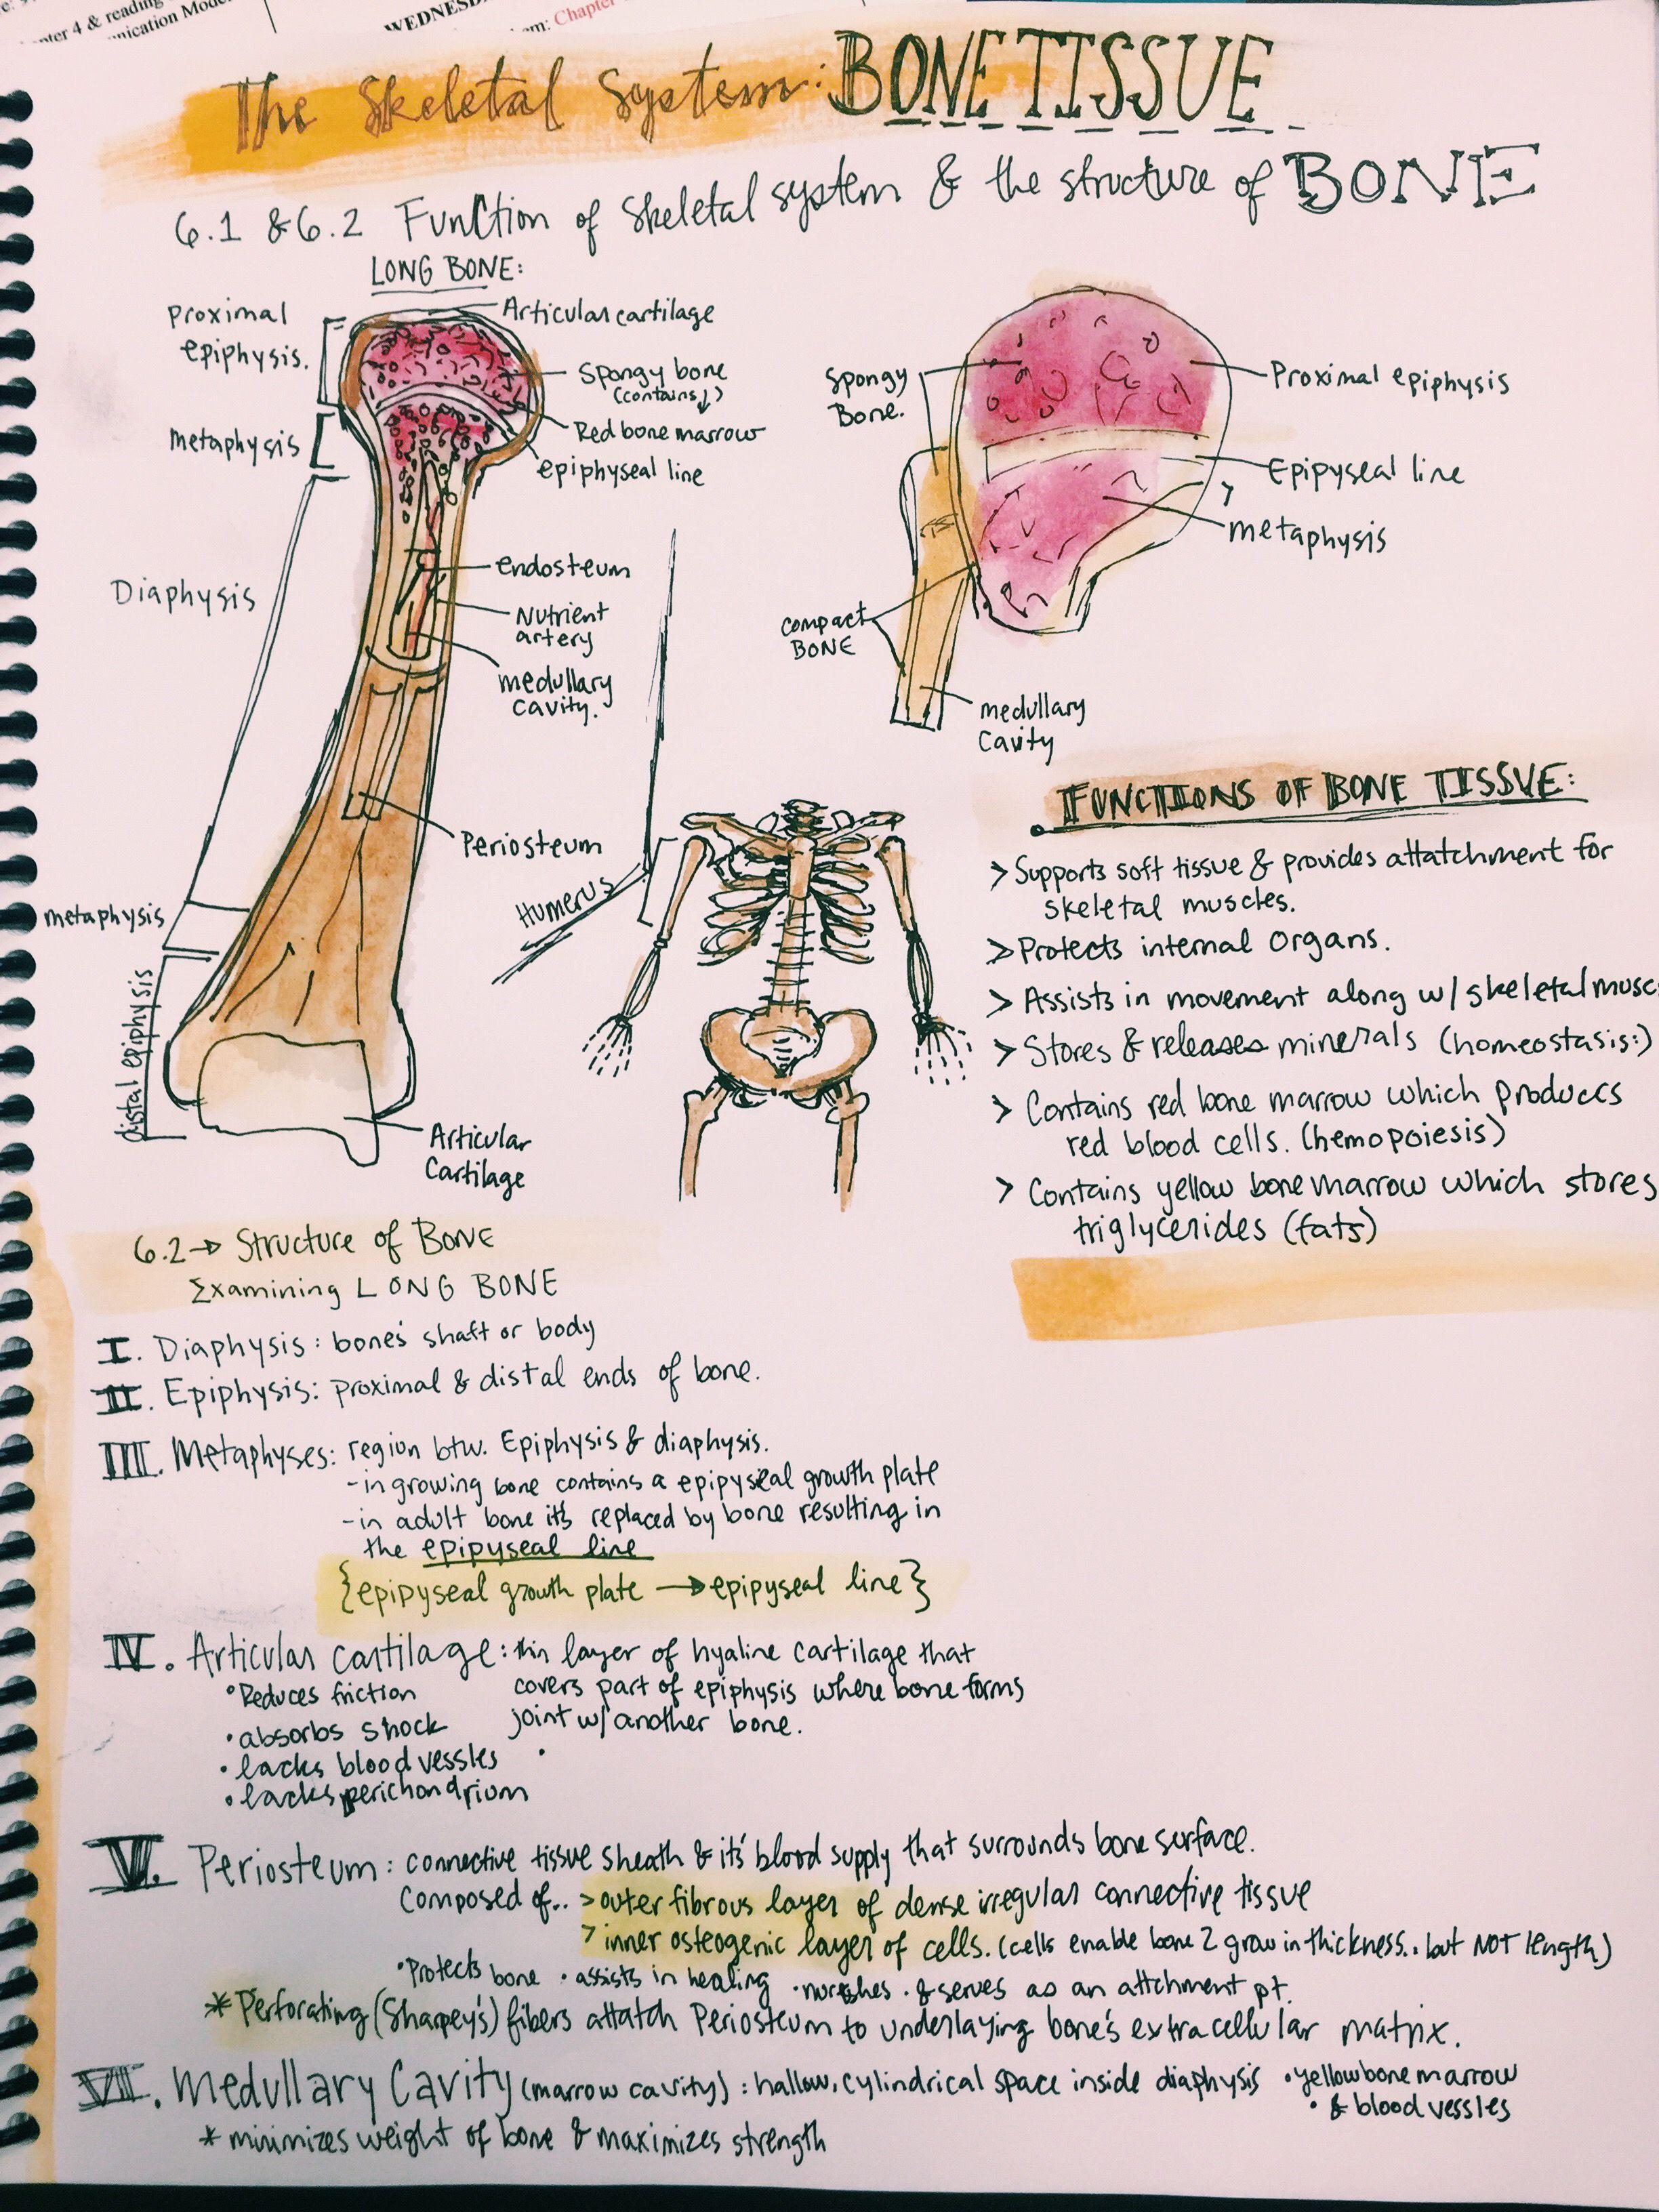 Bones And Bone Tissue Notes From Meriub